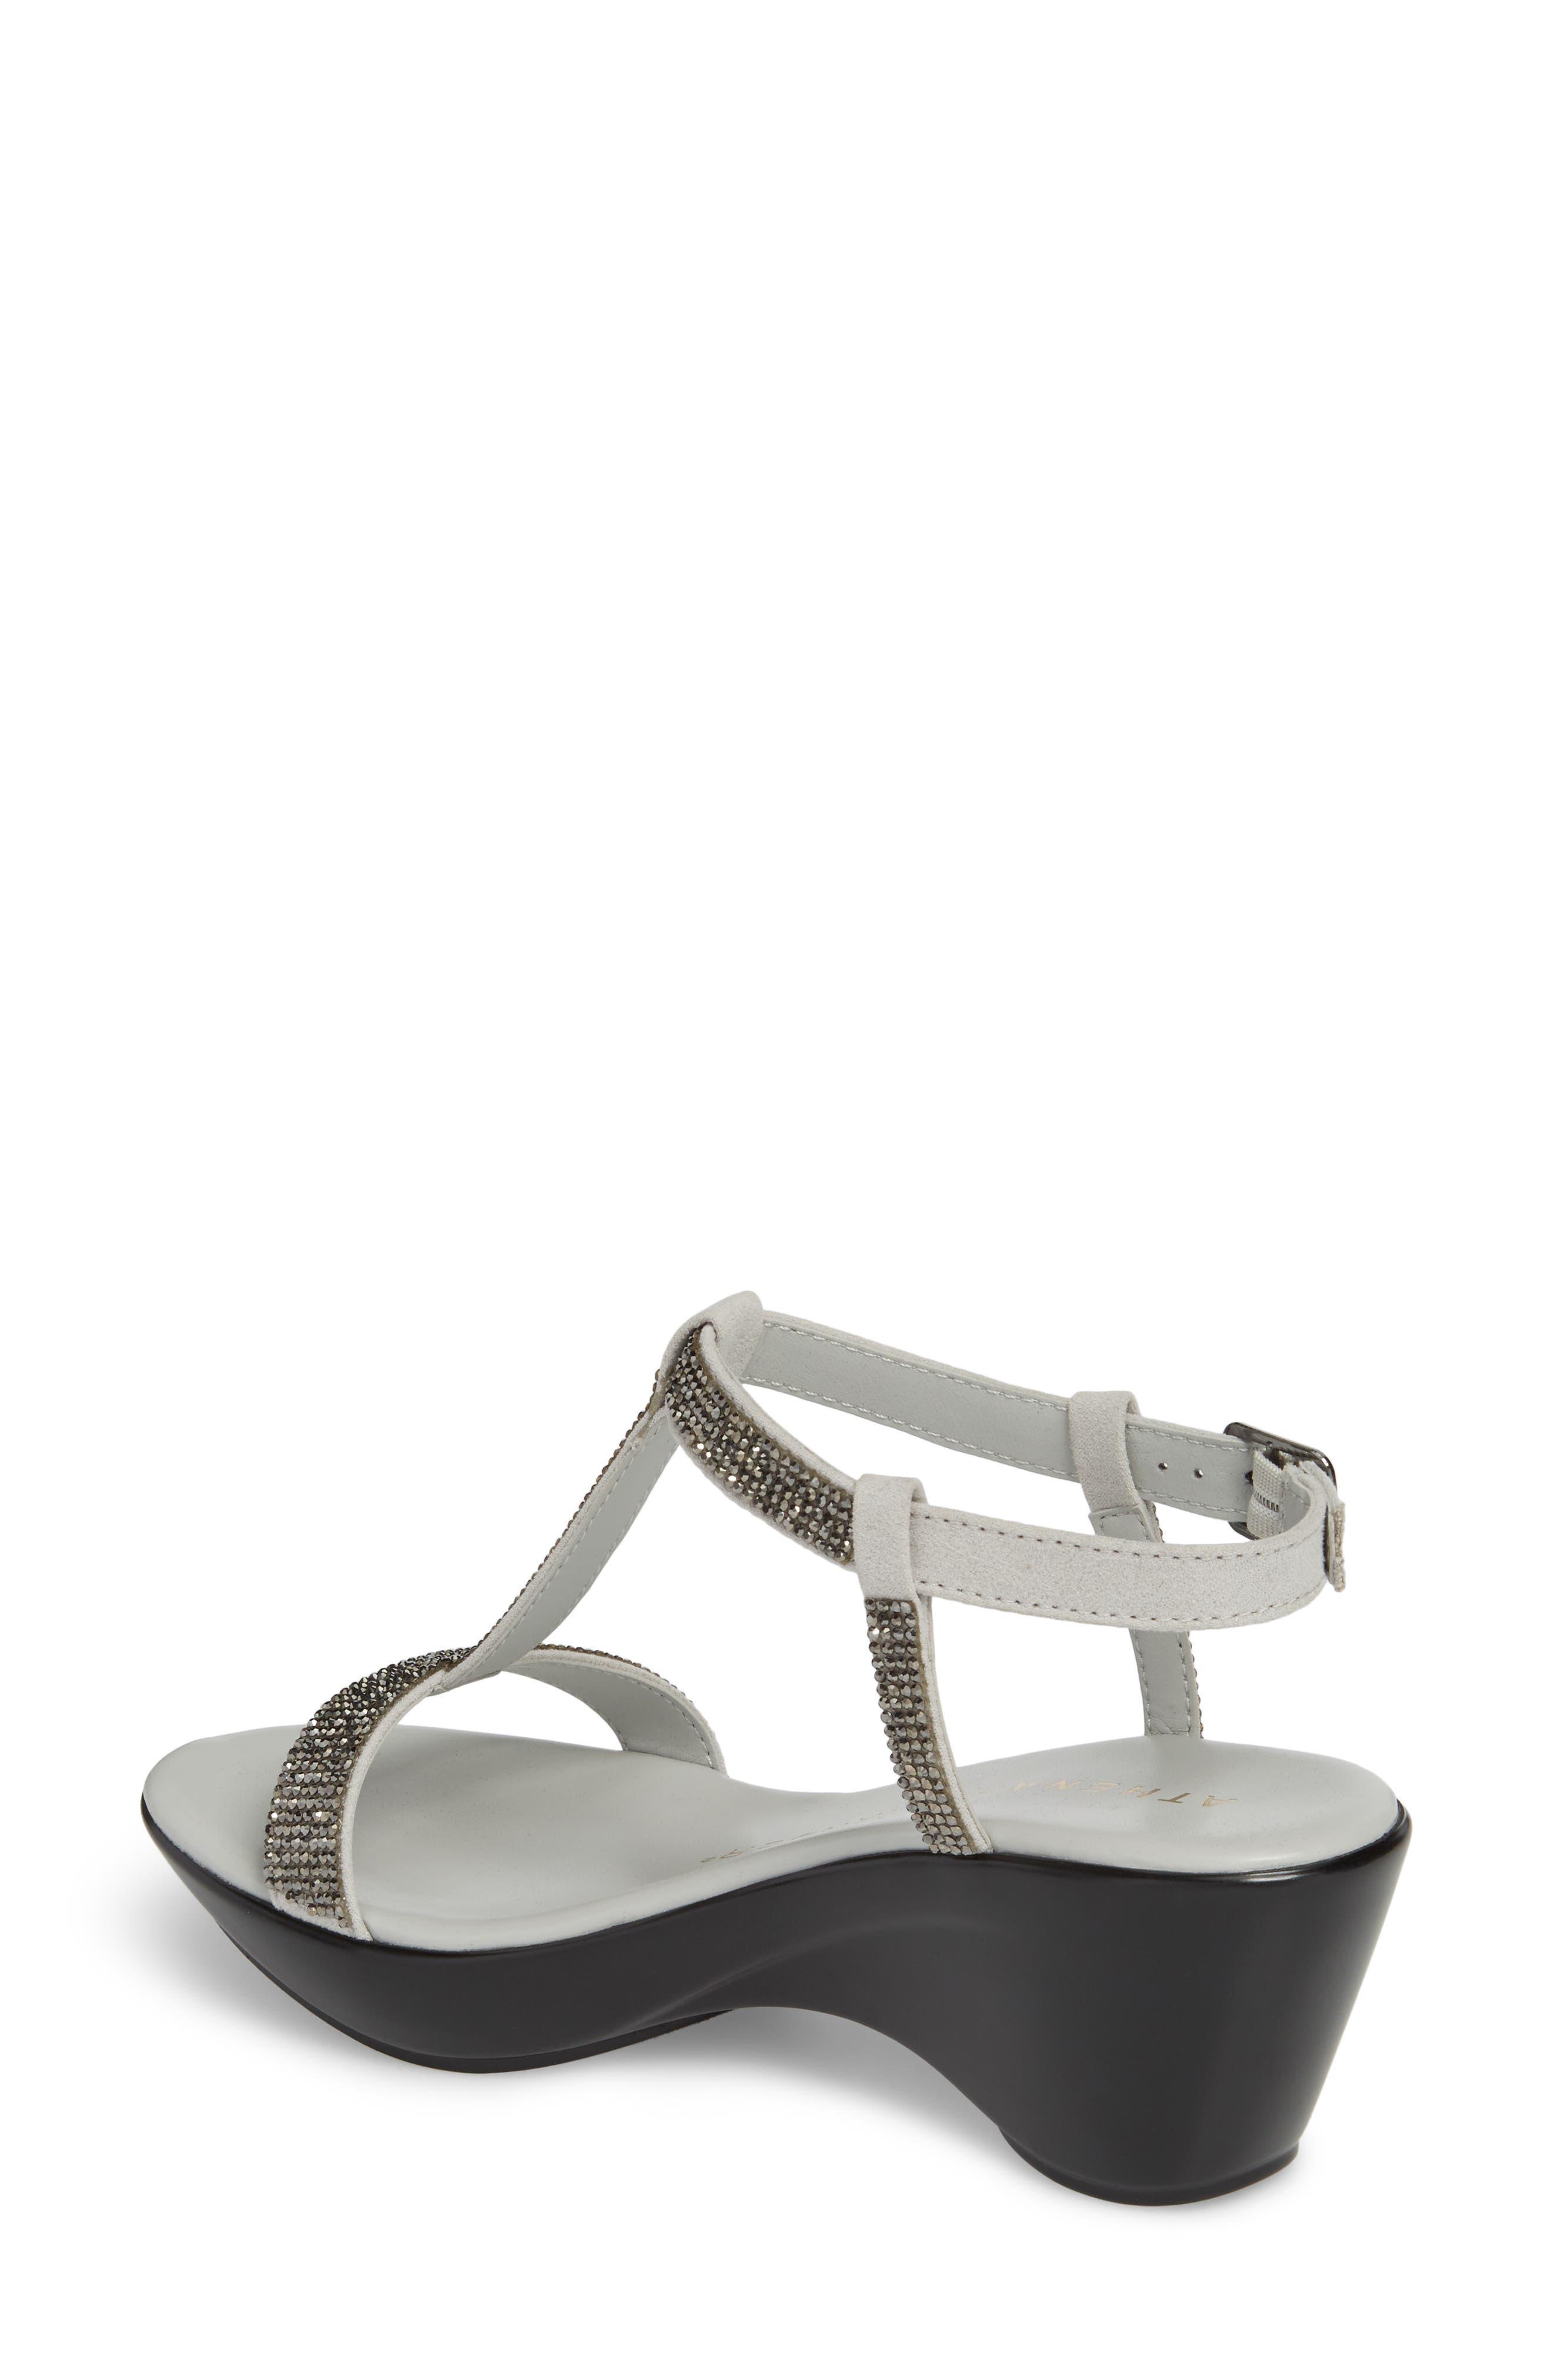 Athena Alexandar Karinya Embellished Strappy Wedge Sandal,                             Alternate thumbnail 2, color,                             Grey Suede